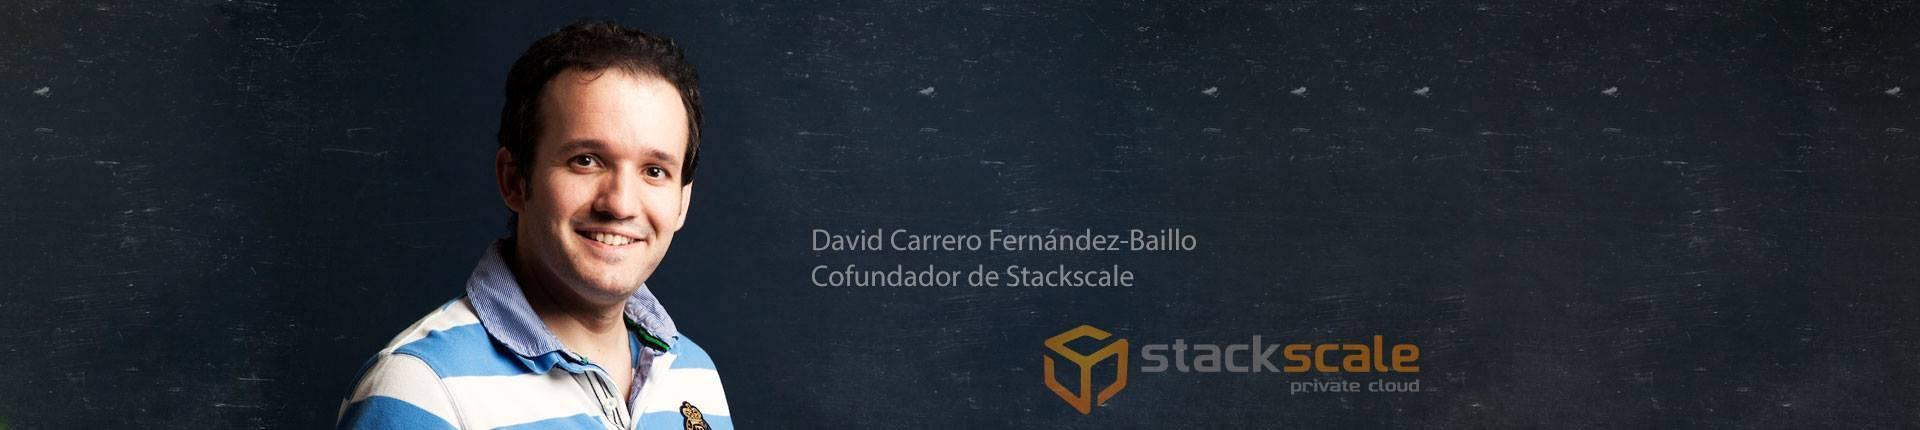 David Carrero Stackscale - David Carrero participa en el programa de tecnología En.Digital